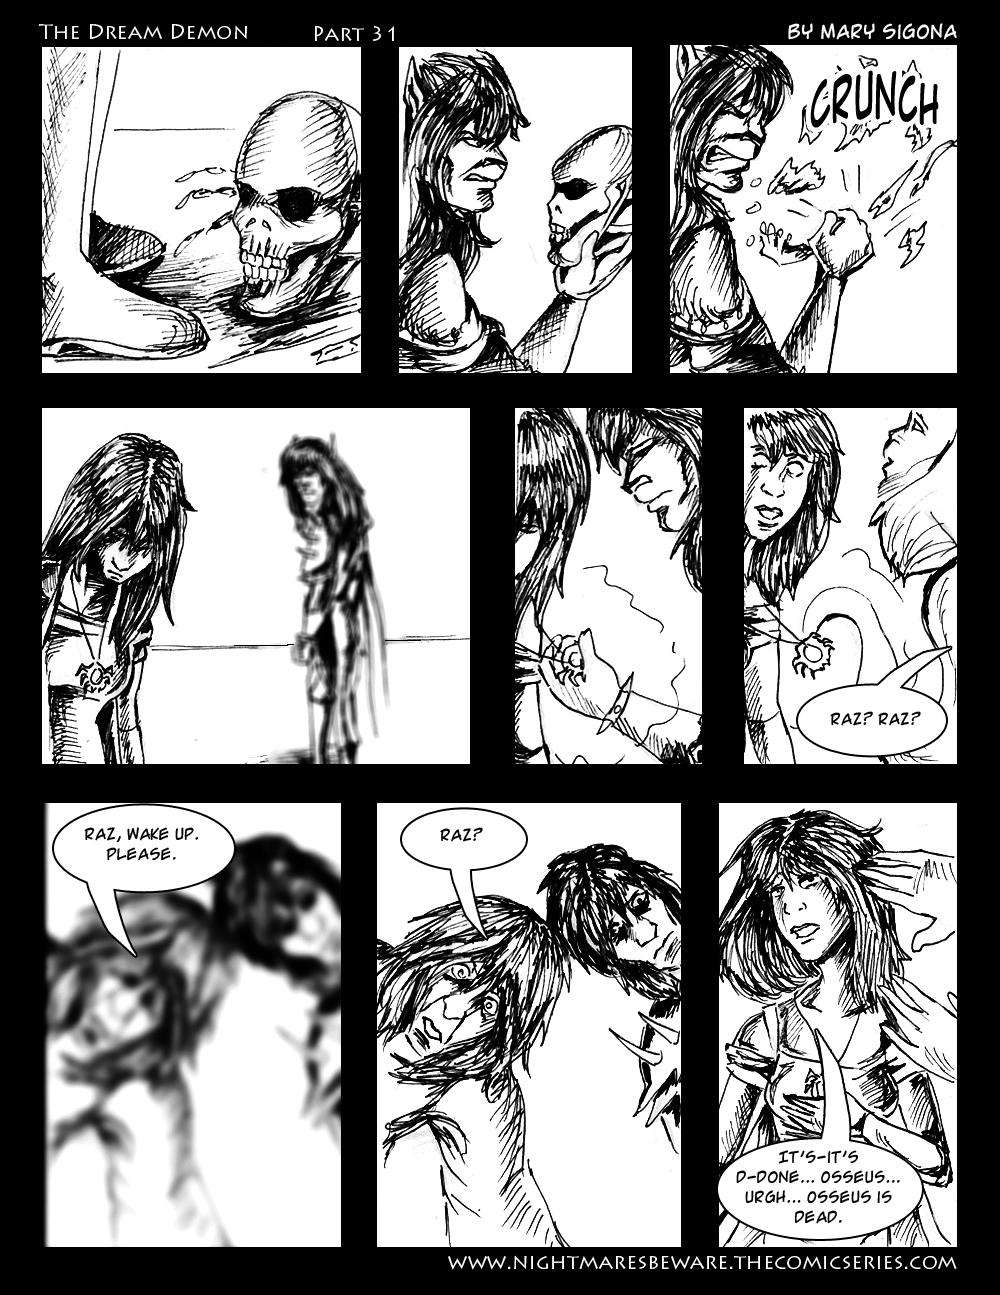 The Dream Demon (Part 31)